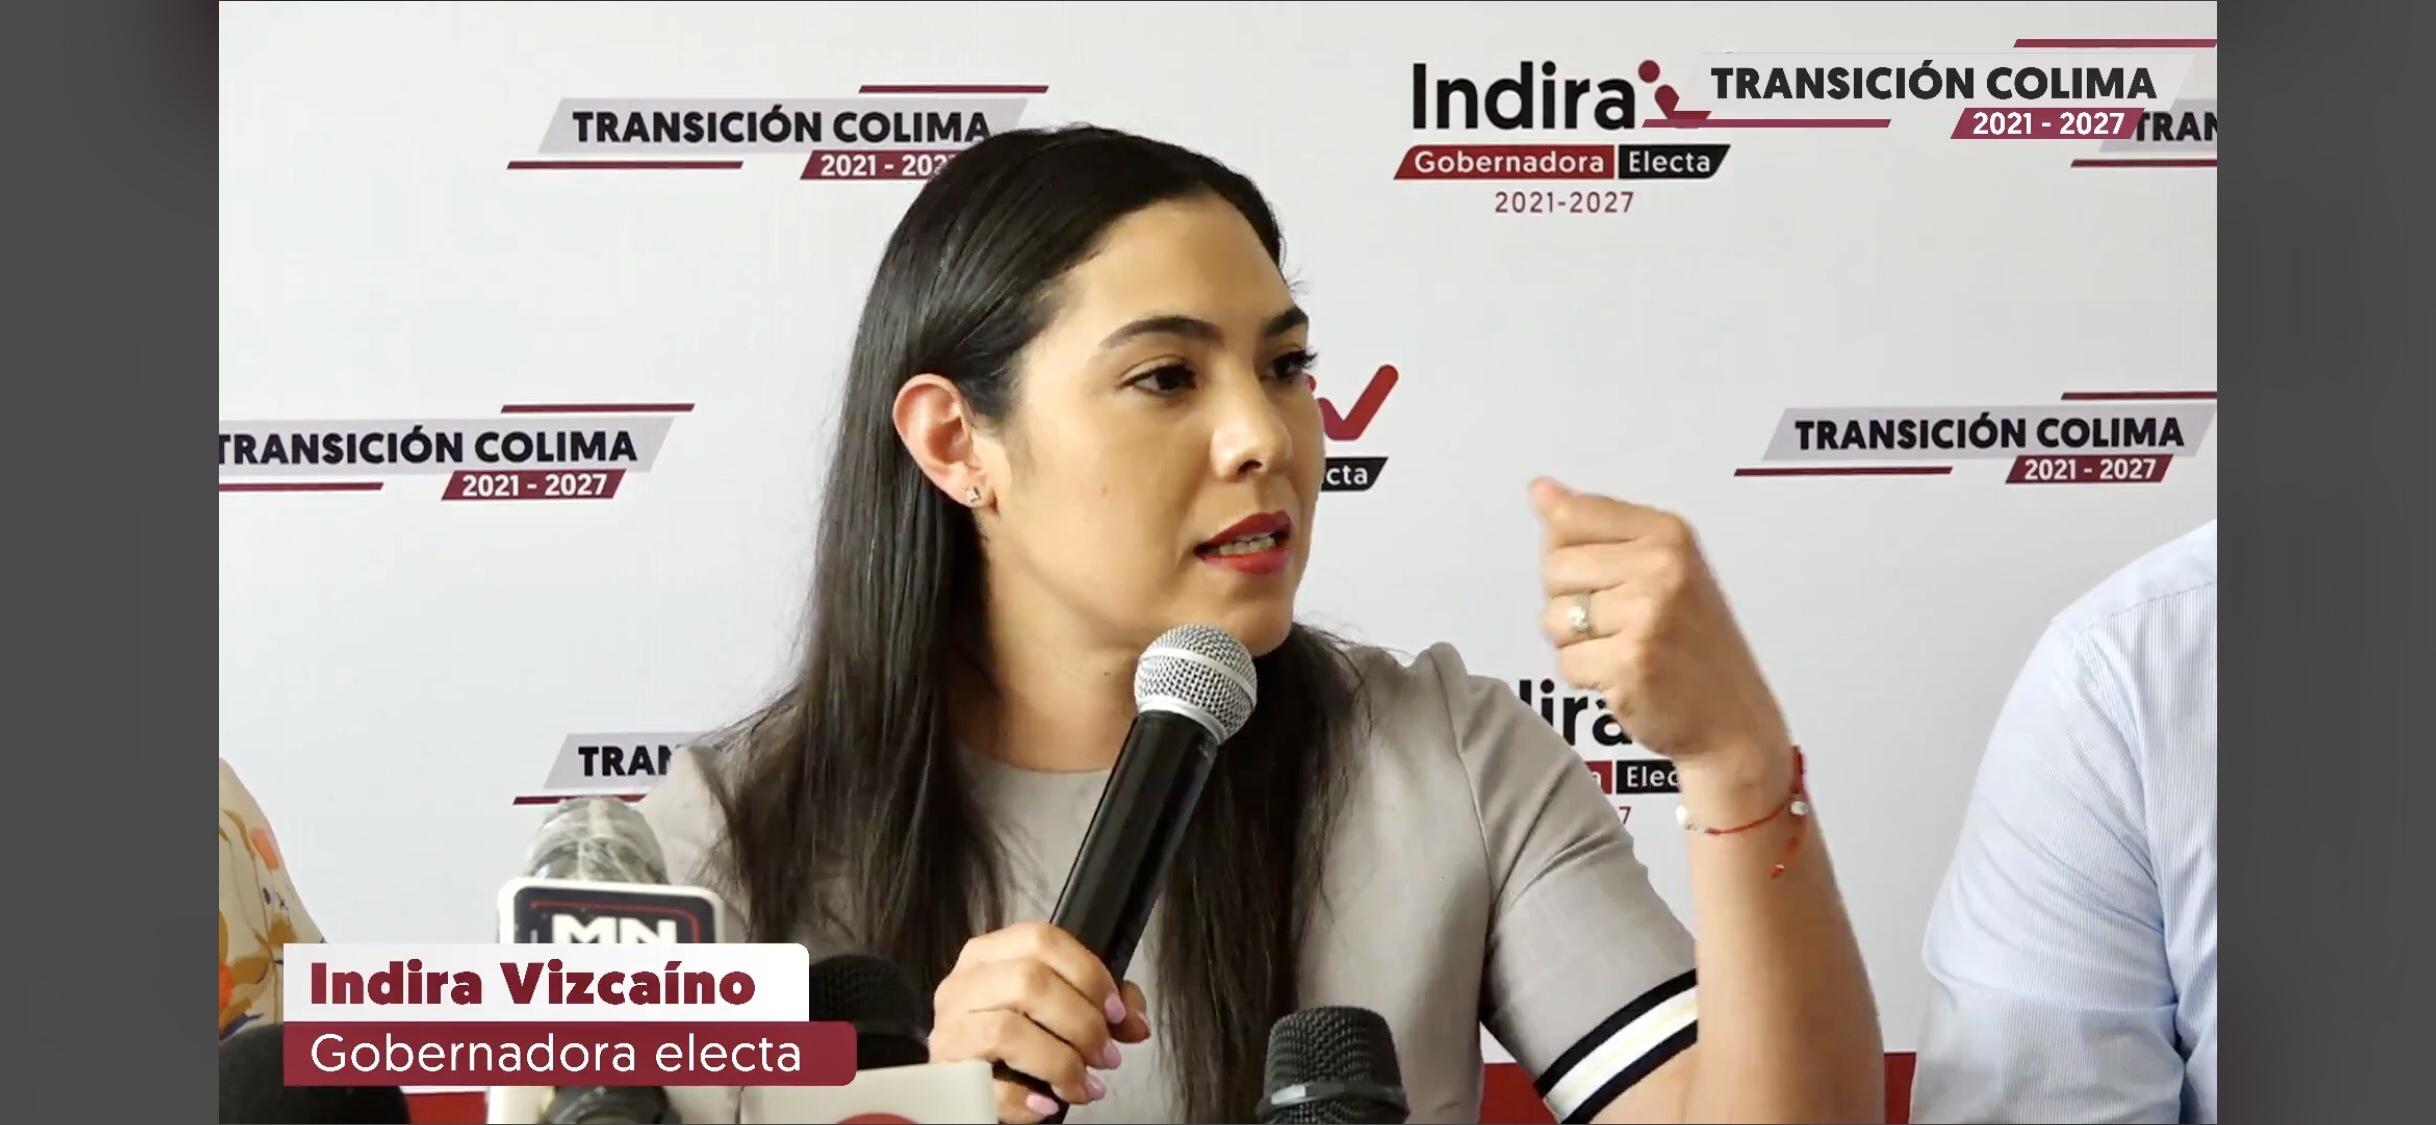 Con procesos amañados, Gobierno estatal busca enajenar bienes de los colimenses: Indira Vizcaíno.